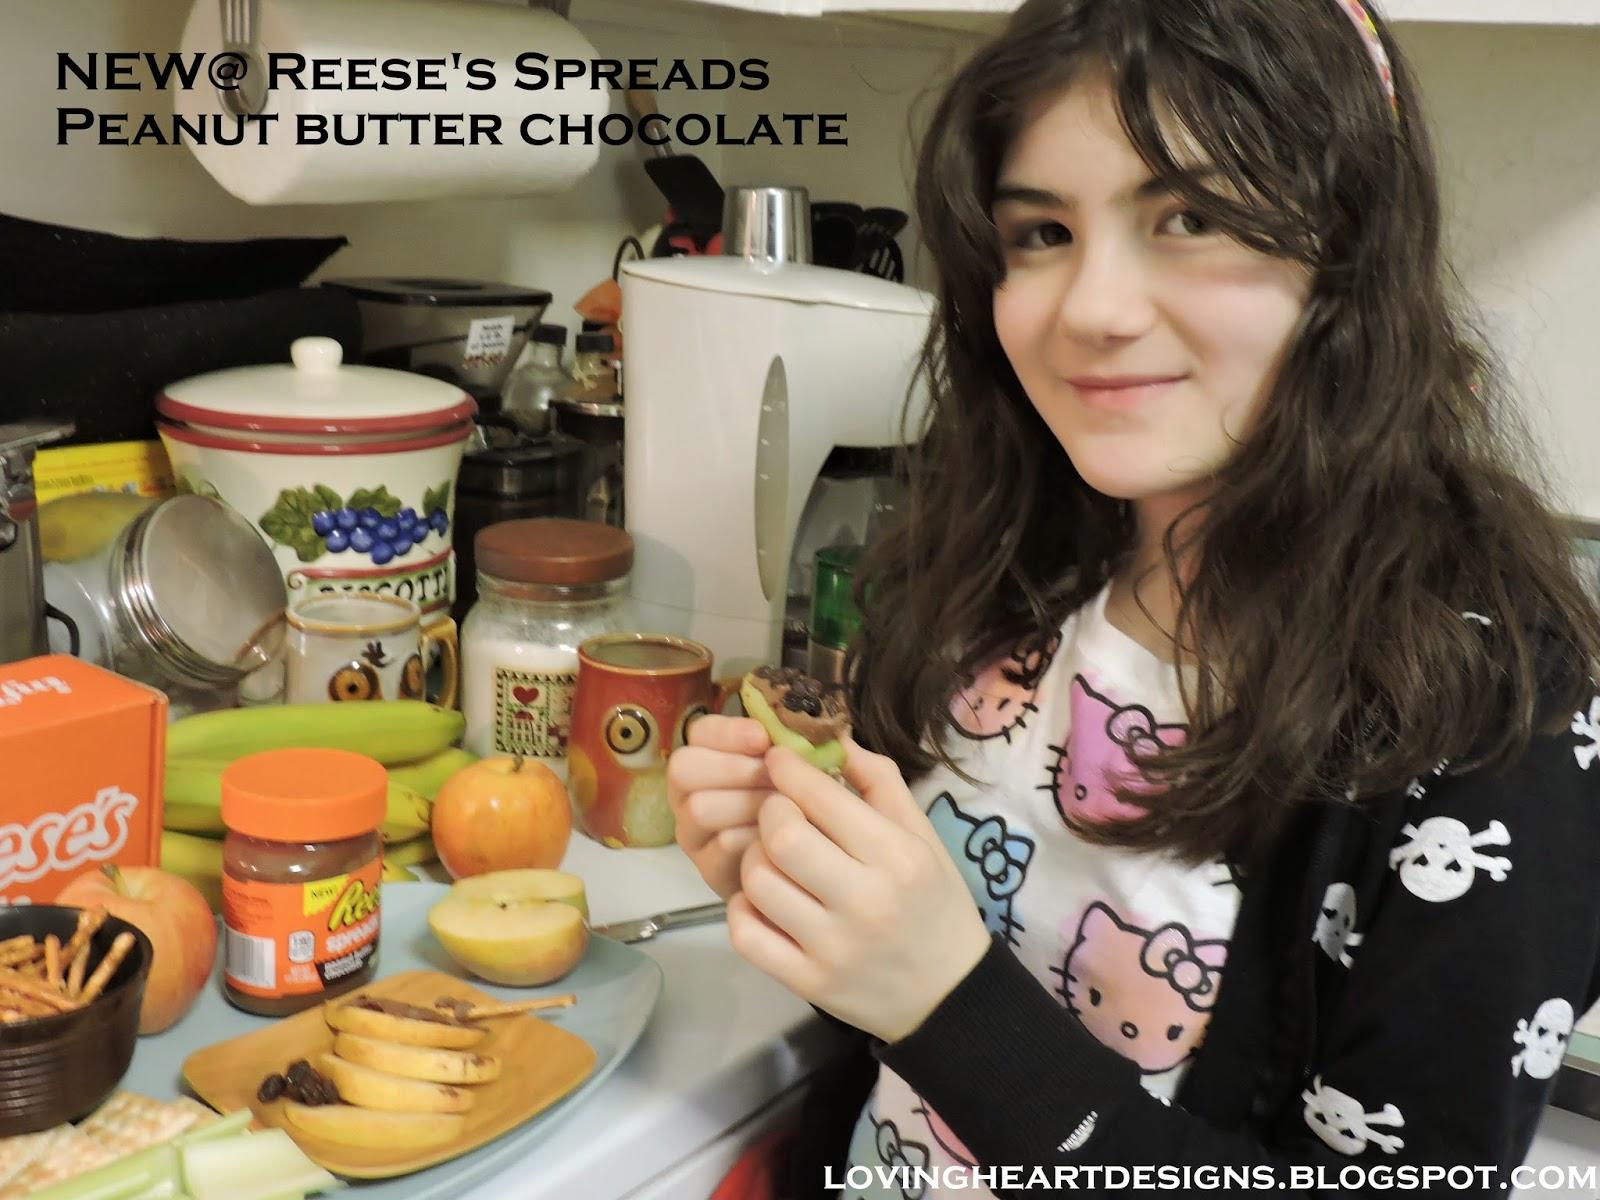 #InfluensterVox #ReesesSpreads